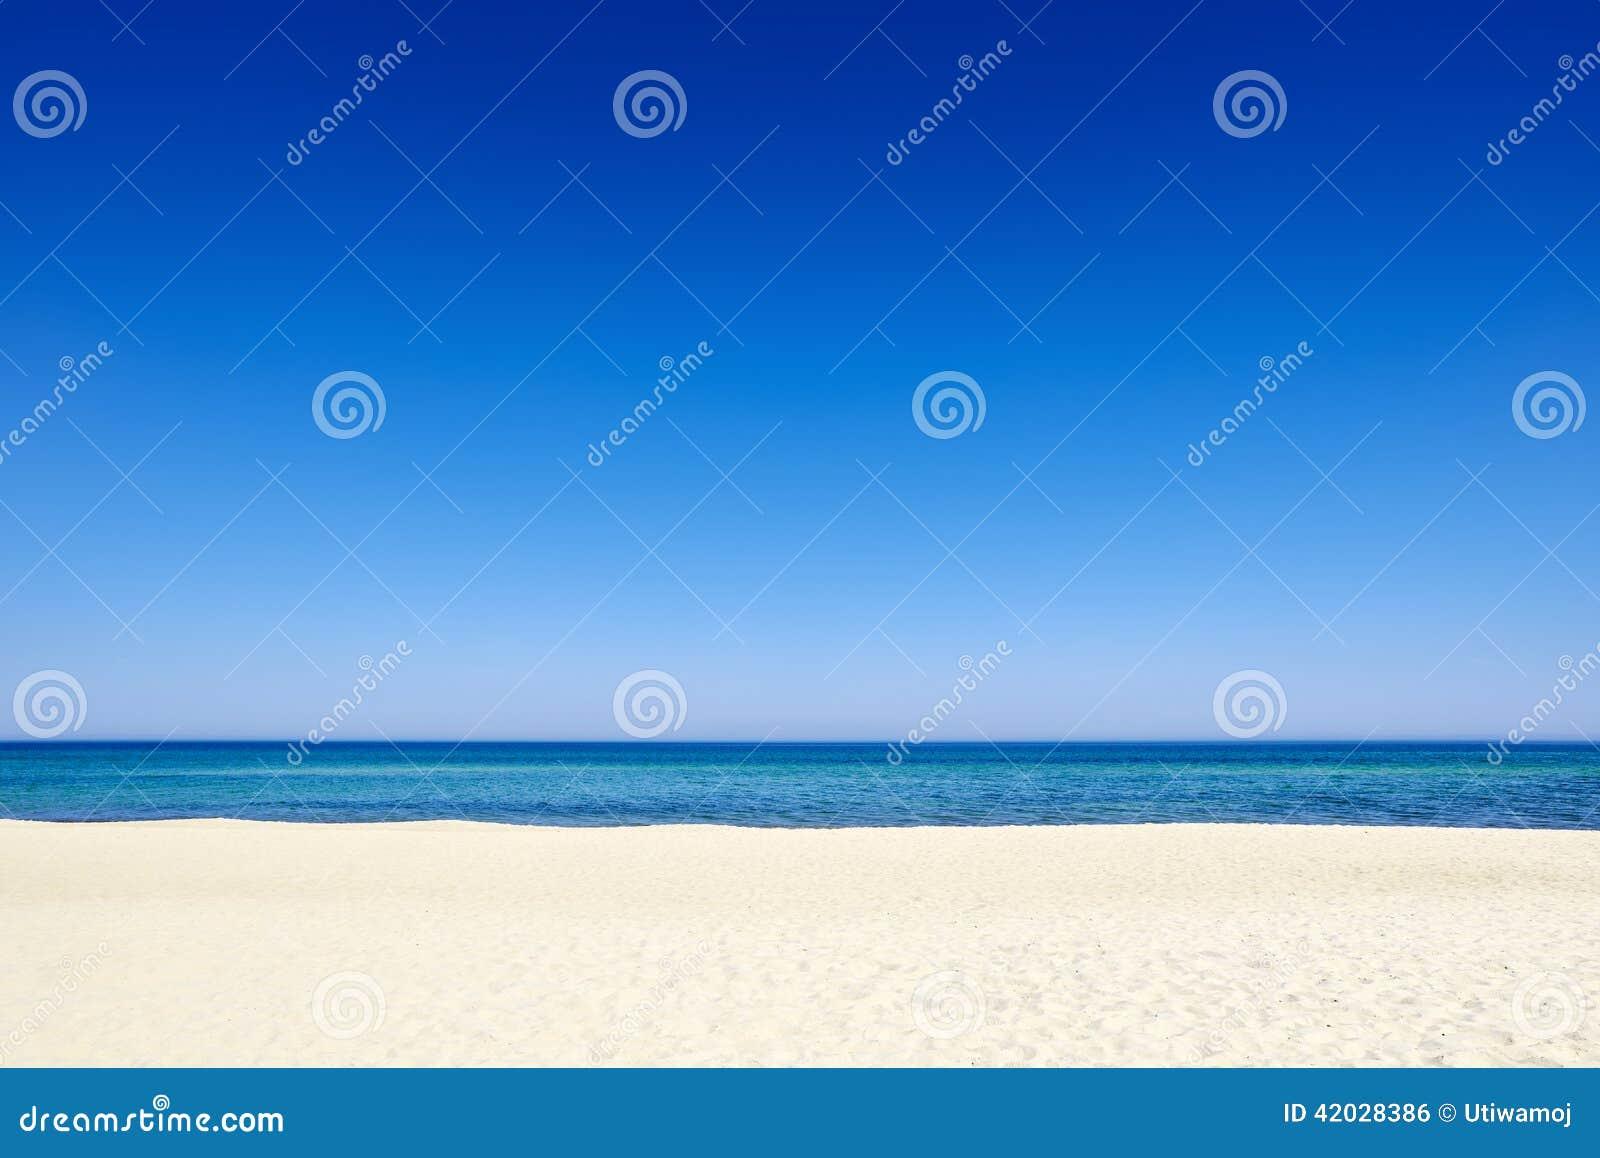 Пляж предпосылки песка морского побережья голубого неба лета